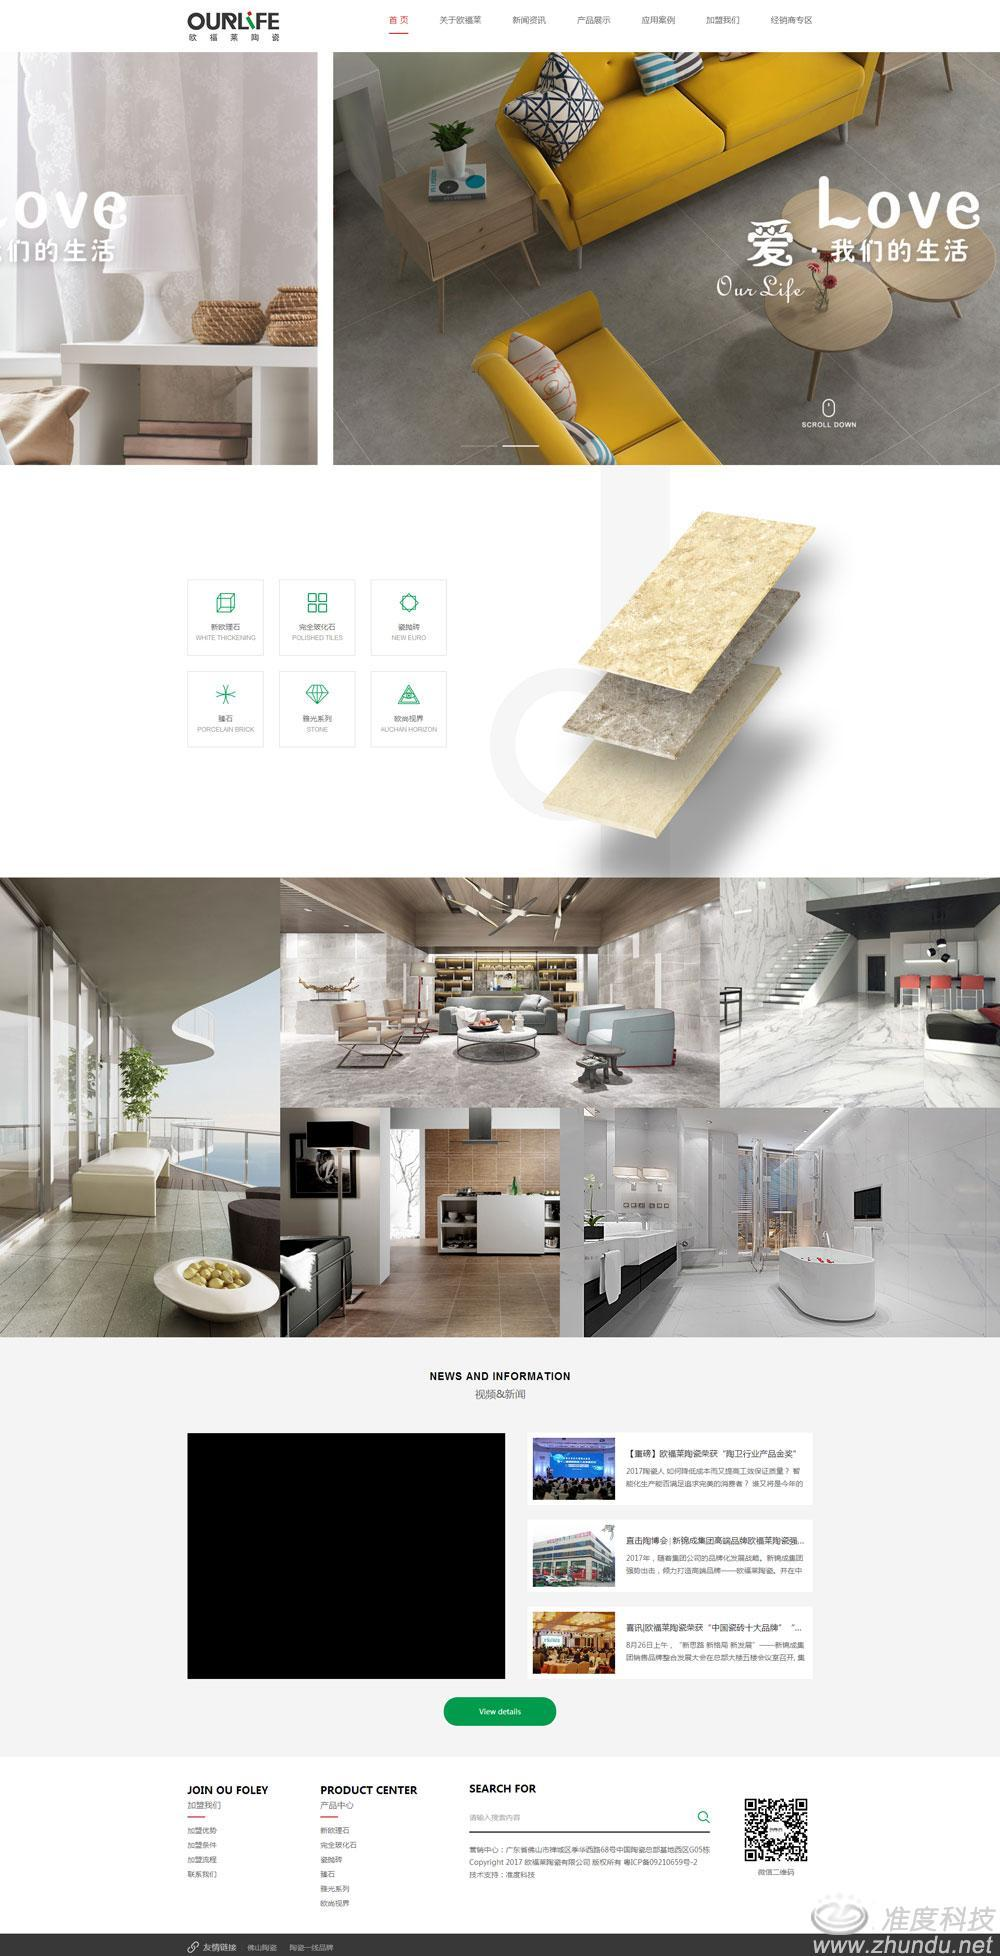 欧福莱陶瓷官方网站-佛山陶瓷十大品牌-陶瓷一线品牌-佛山陶瓷品牌-佛山陶瓷.jpg